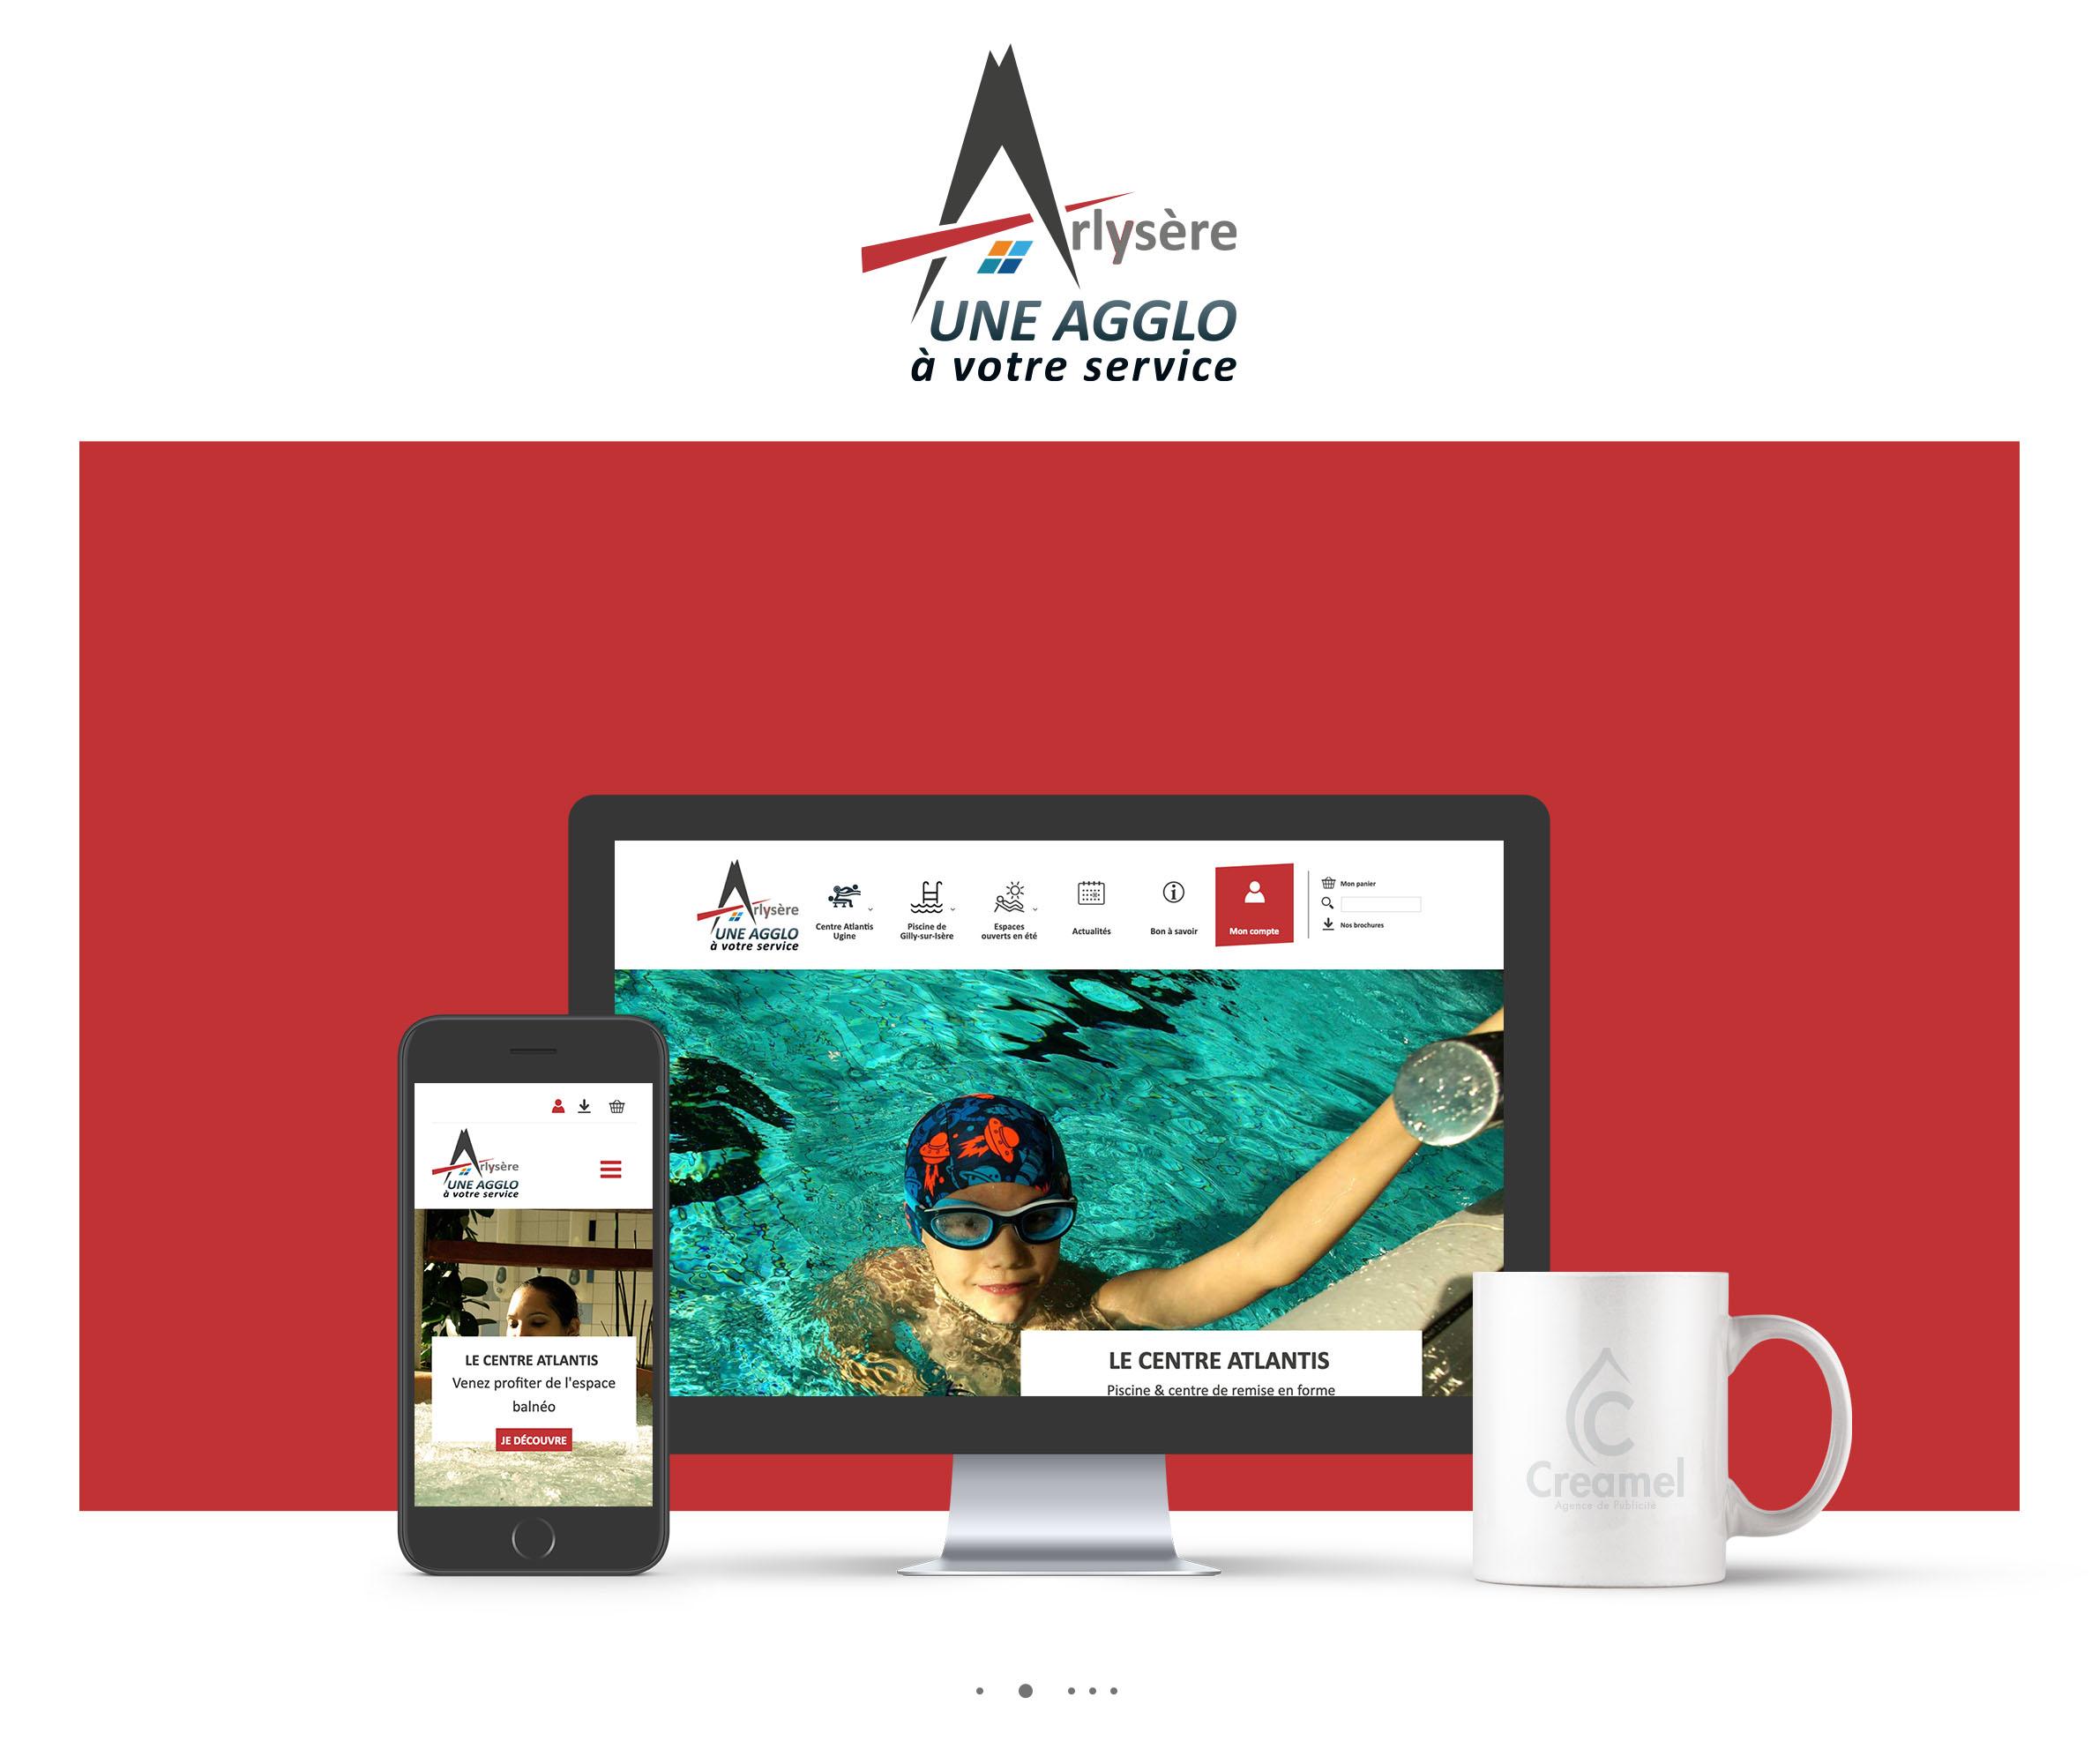 Communauté d'agglomération Arlysère - Webdesign